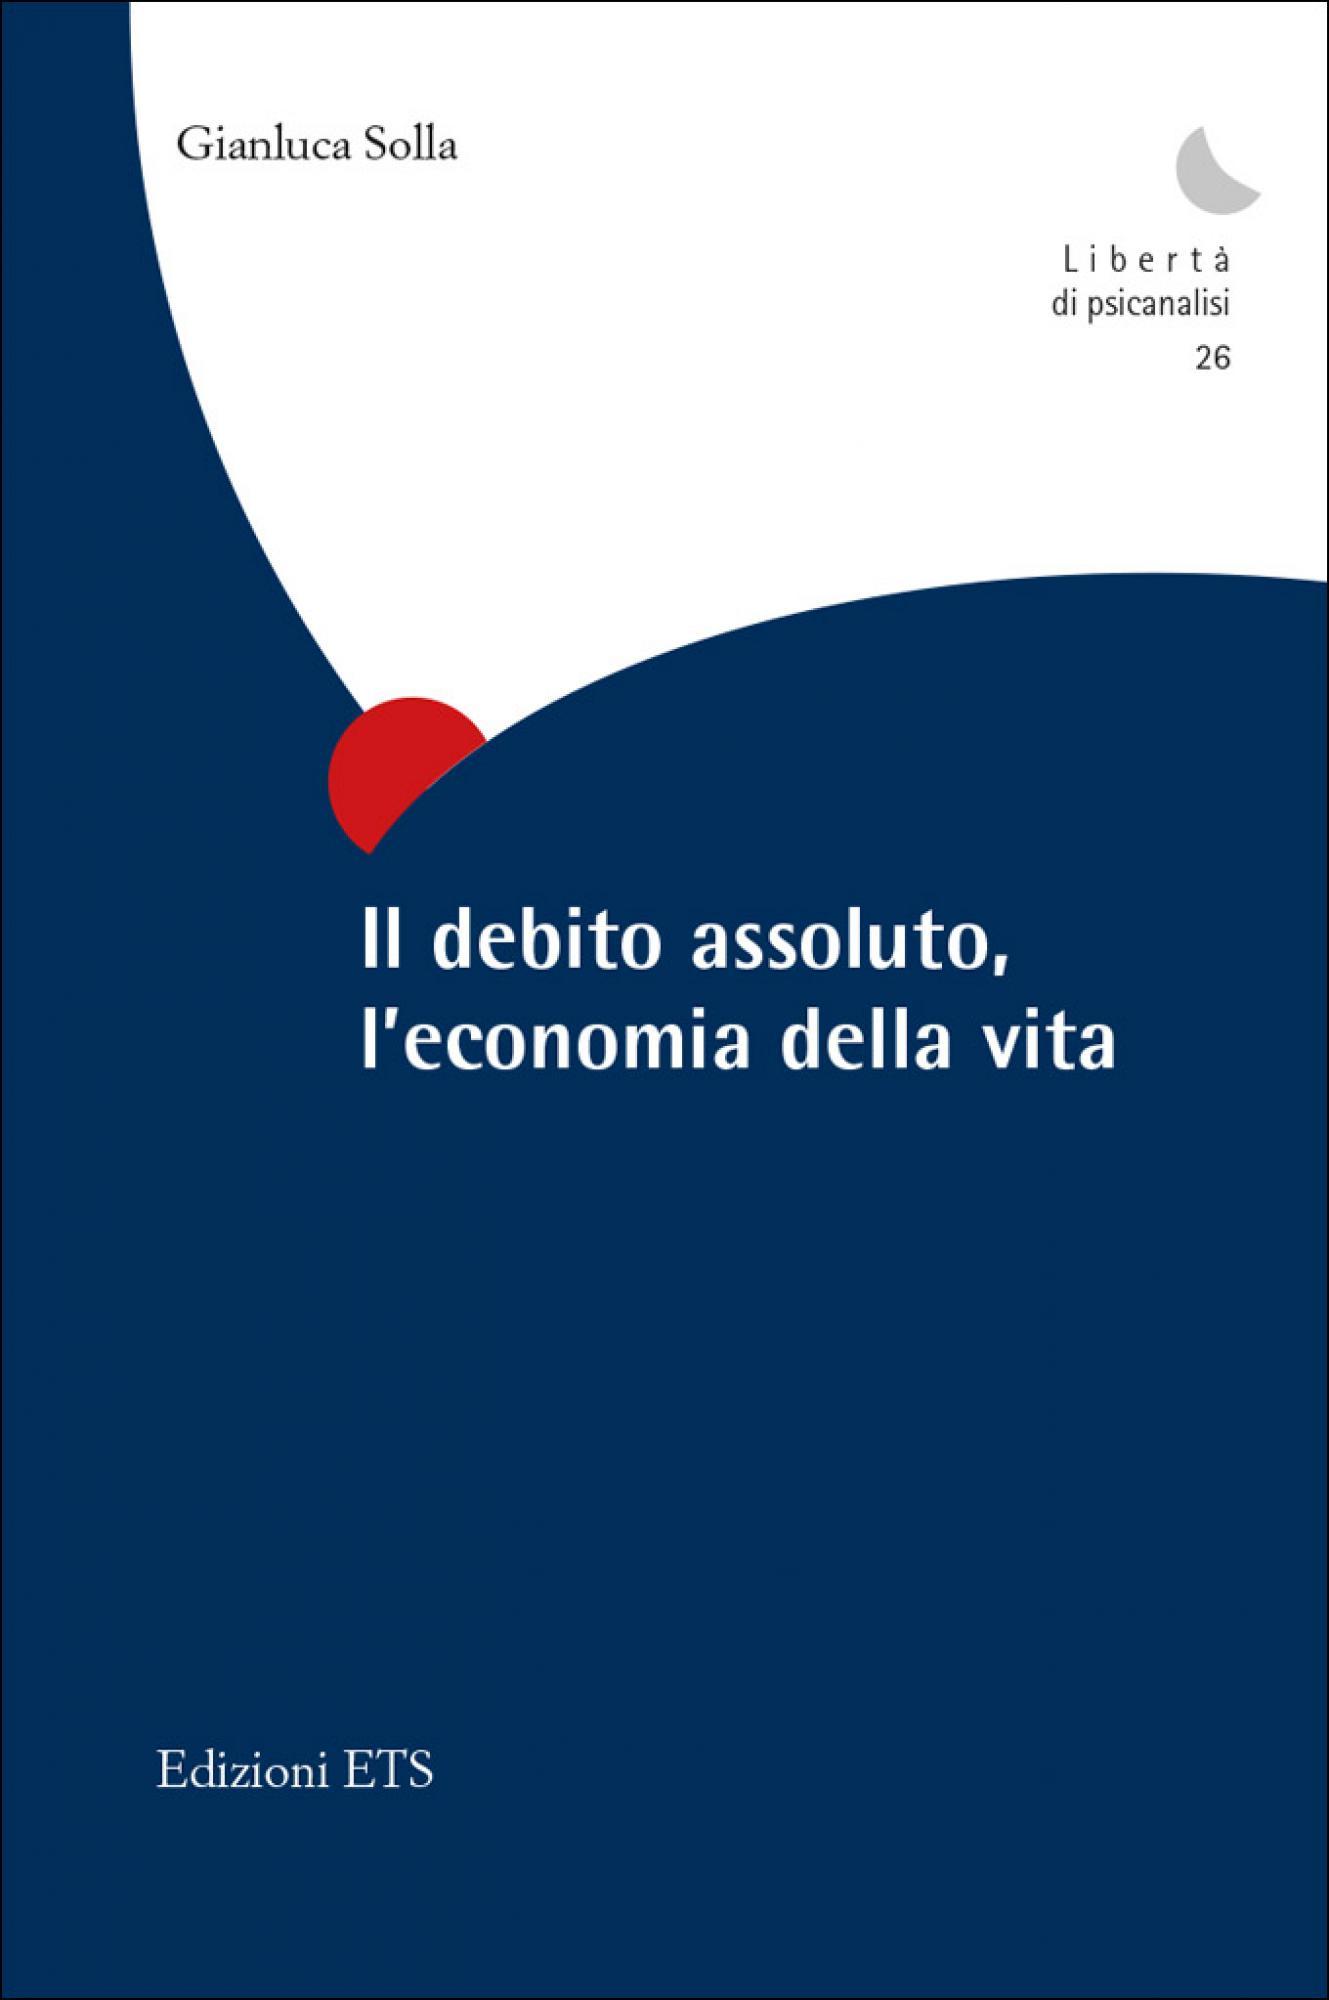 Il debito assoluto, l'economia della vita